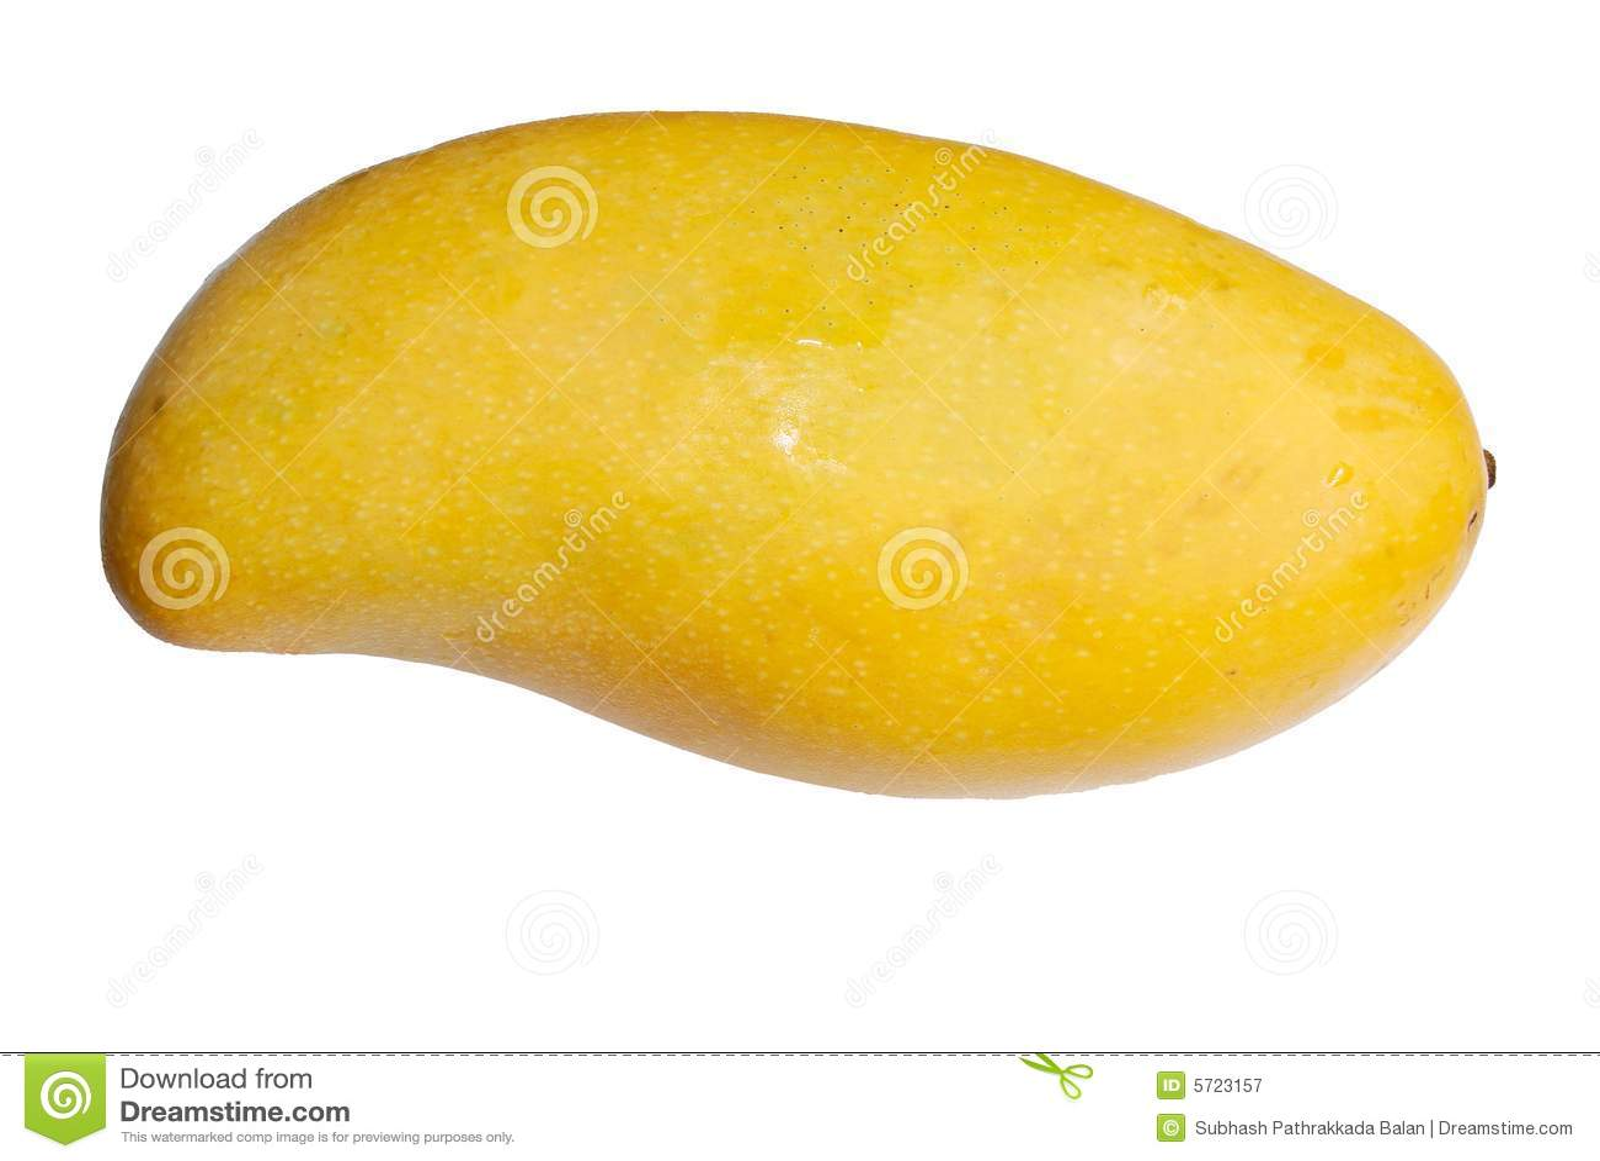 Isolerad mango